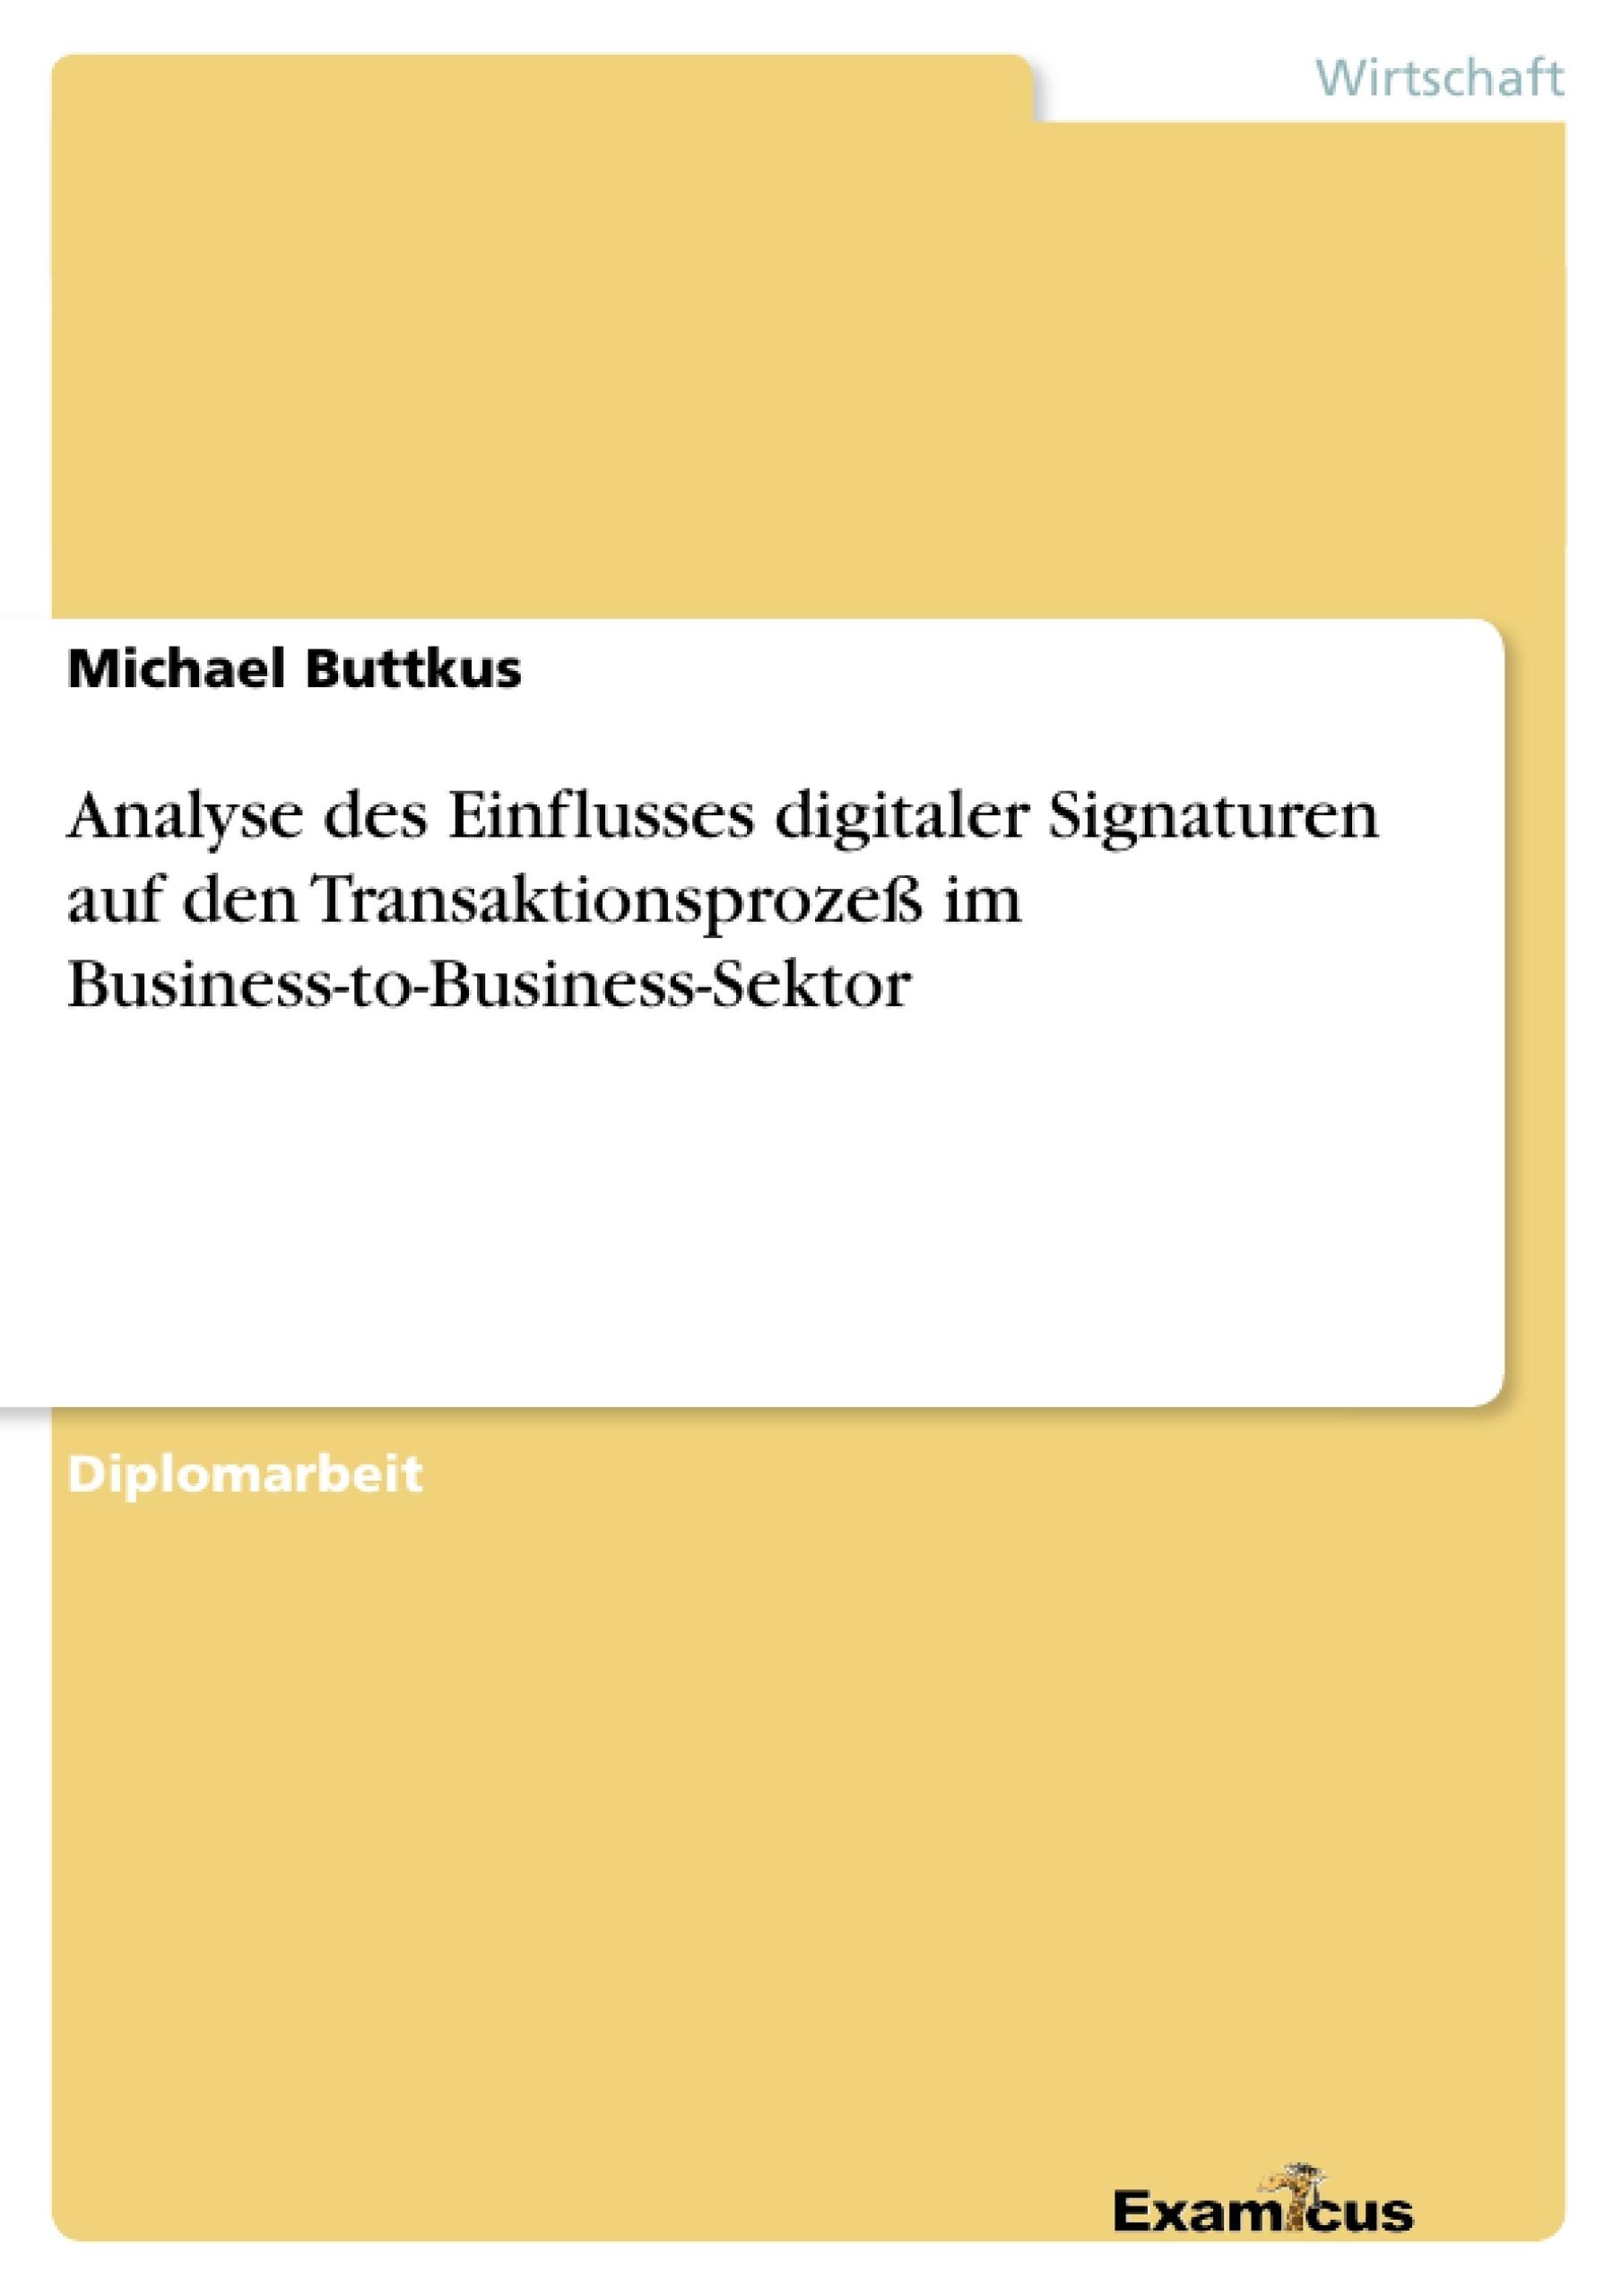 Titel: Analyse des Einflusses digitaler Signaturen auf den Transaktionsprozeß im Business-to-Business-Sektor